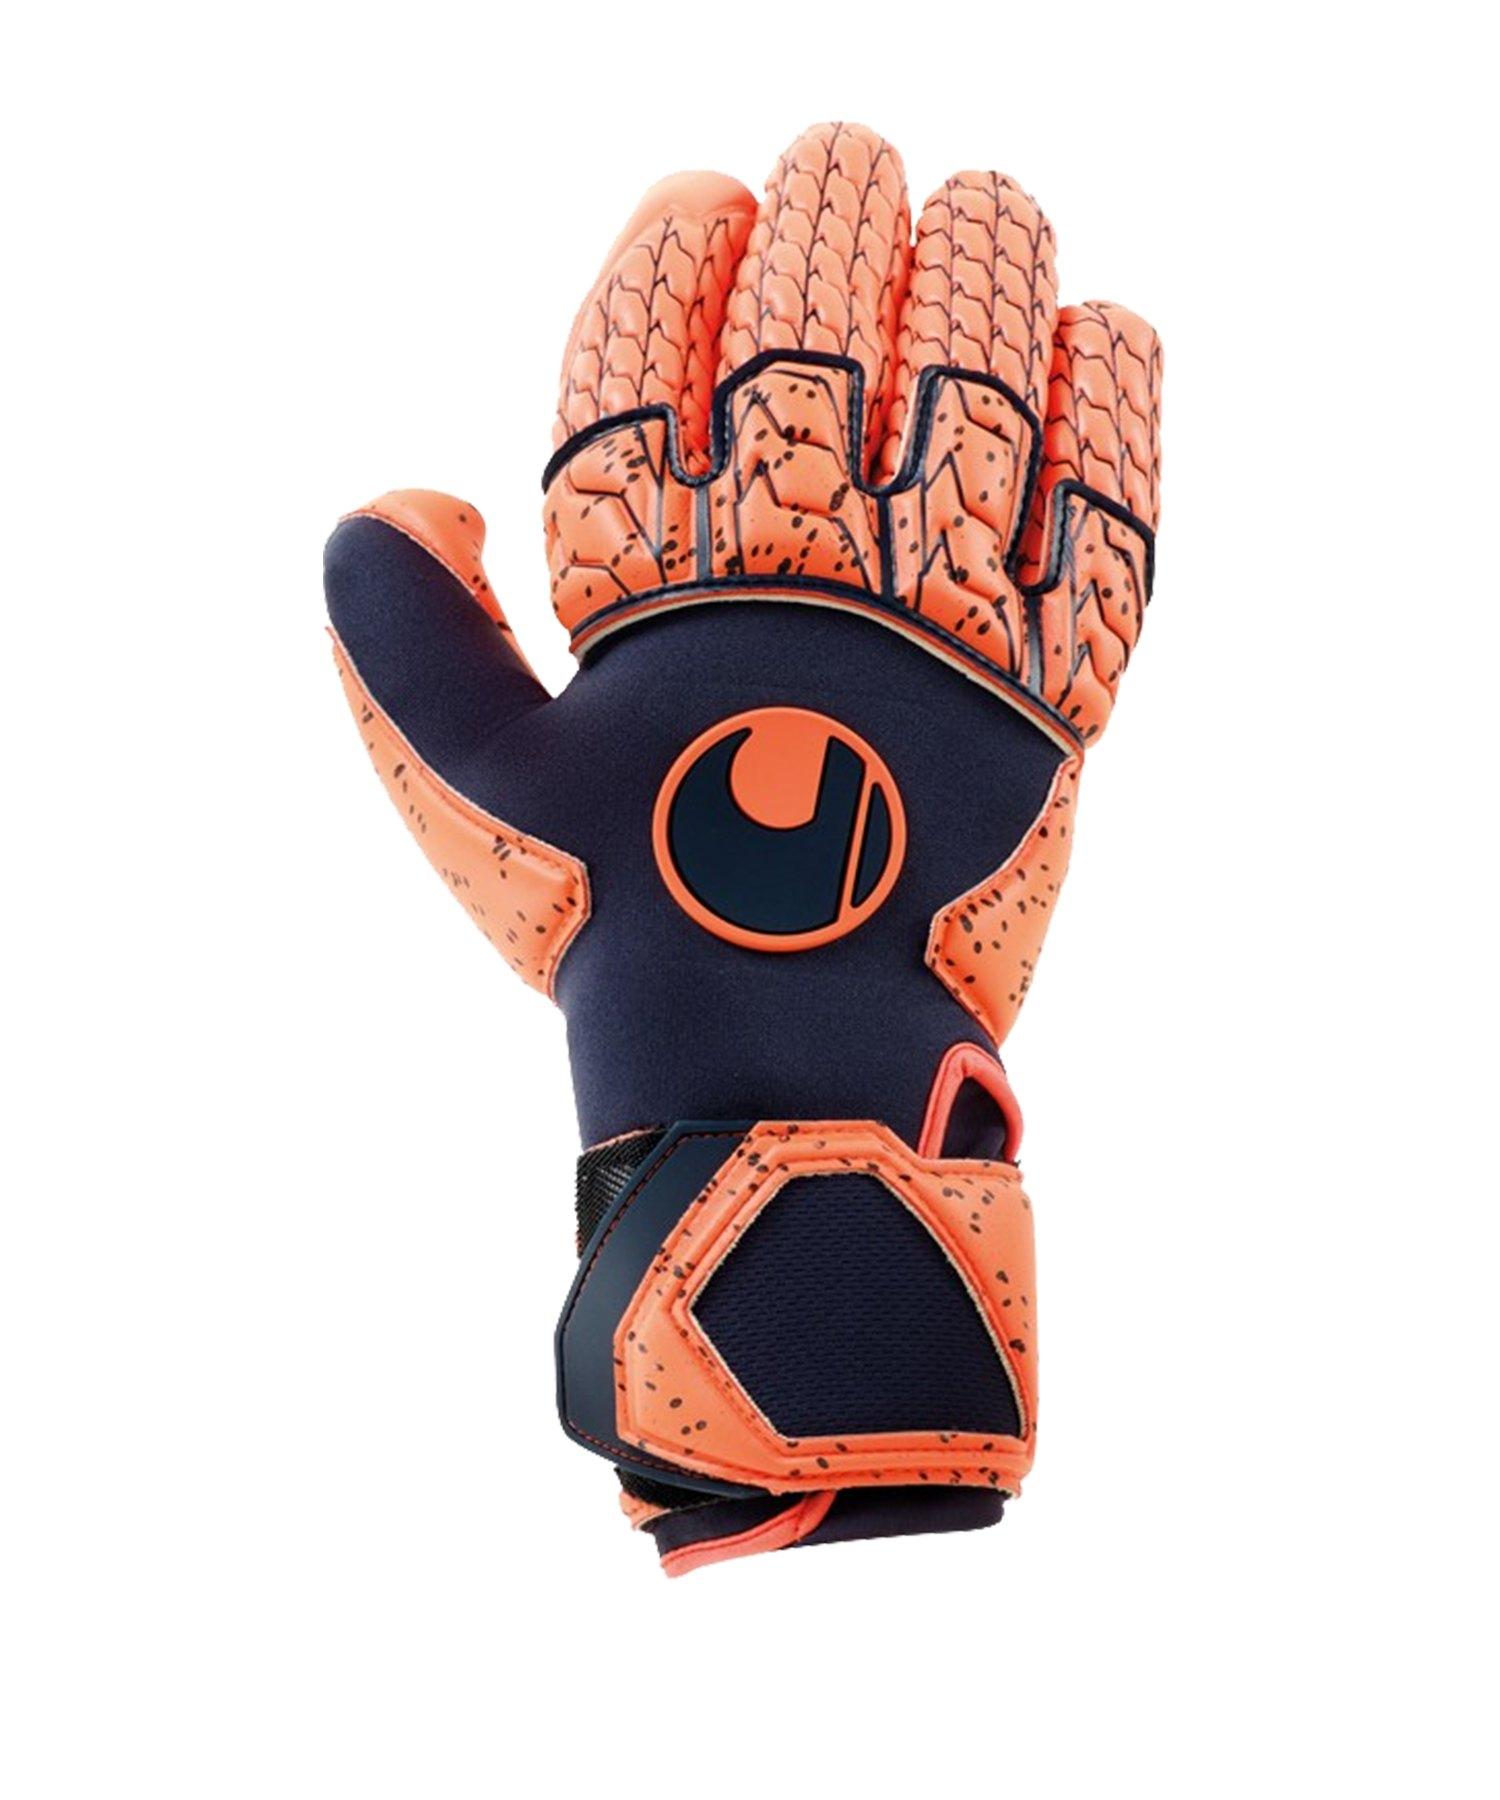 Uhlsport Next Level Supergrip Reflex TW-Handschuh Orange F01 - blau